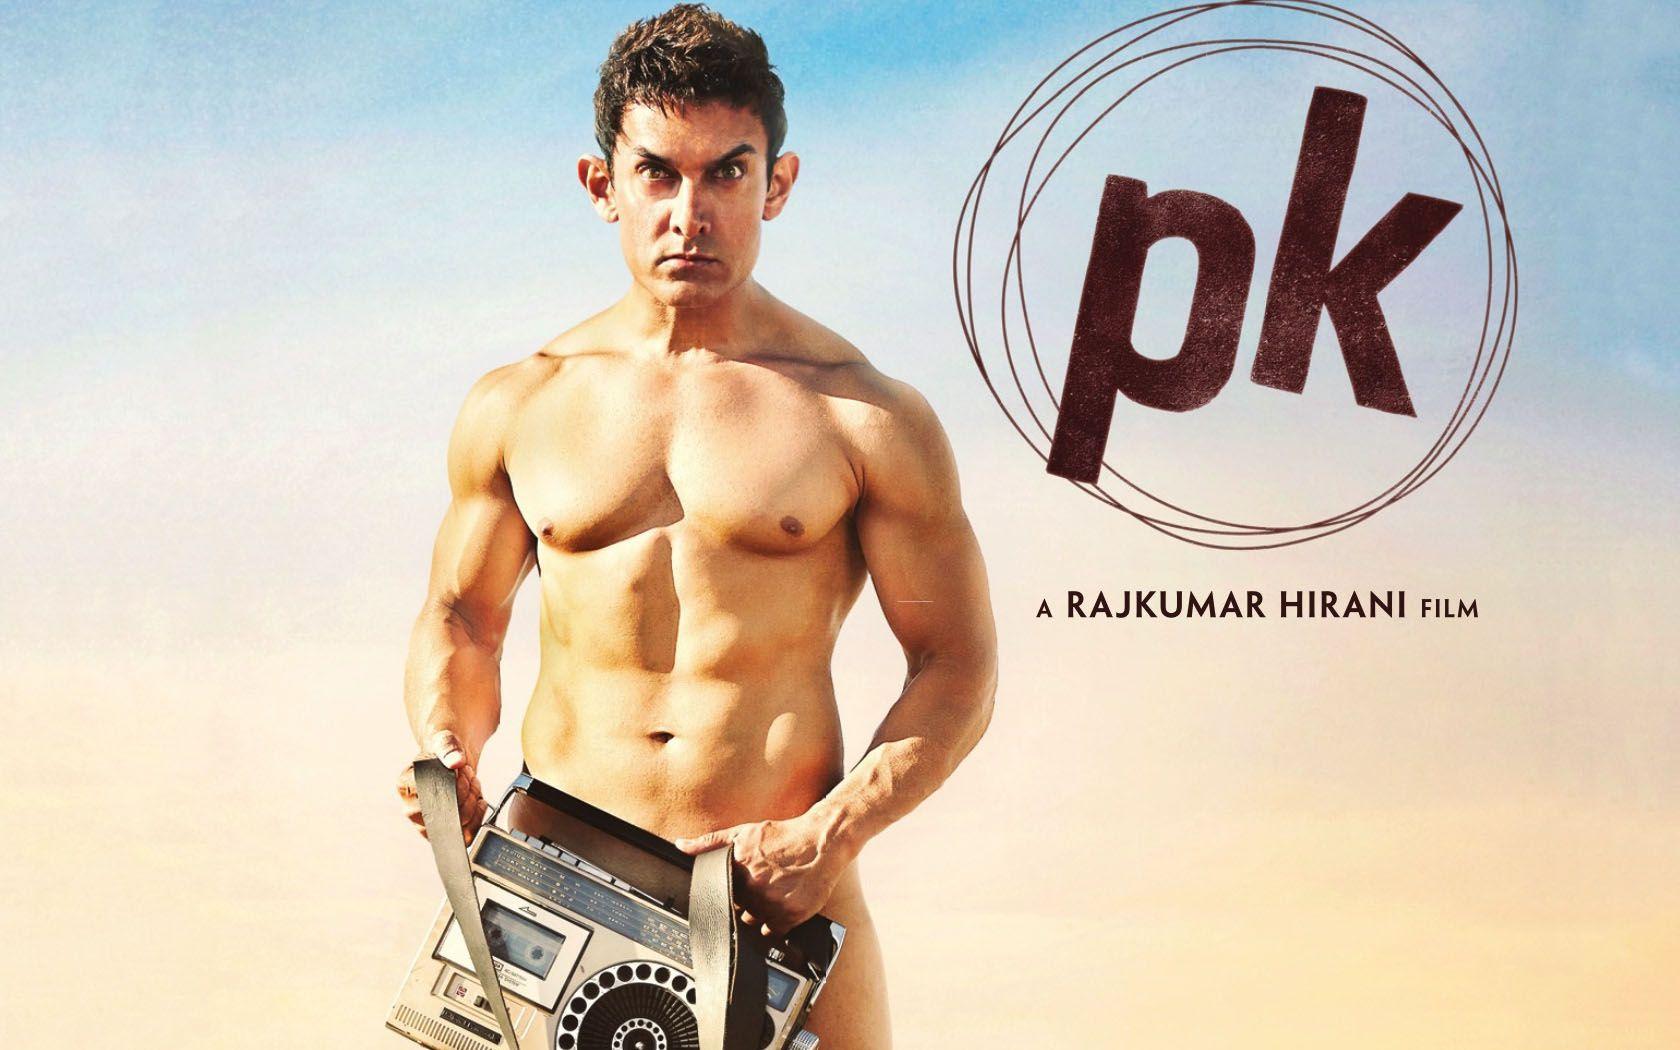 Fan imitates aamir khan's pk poster, walks nude on streets